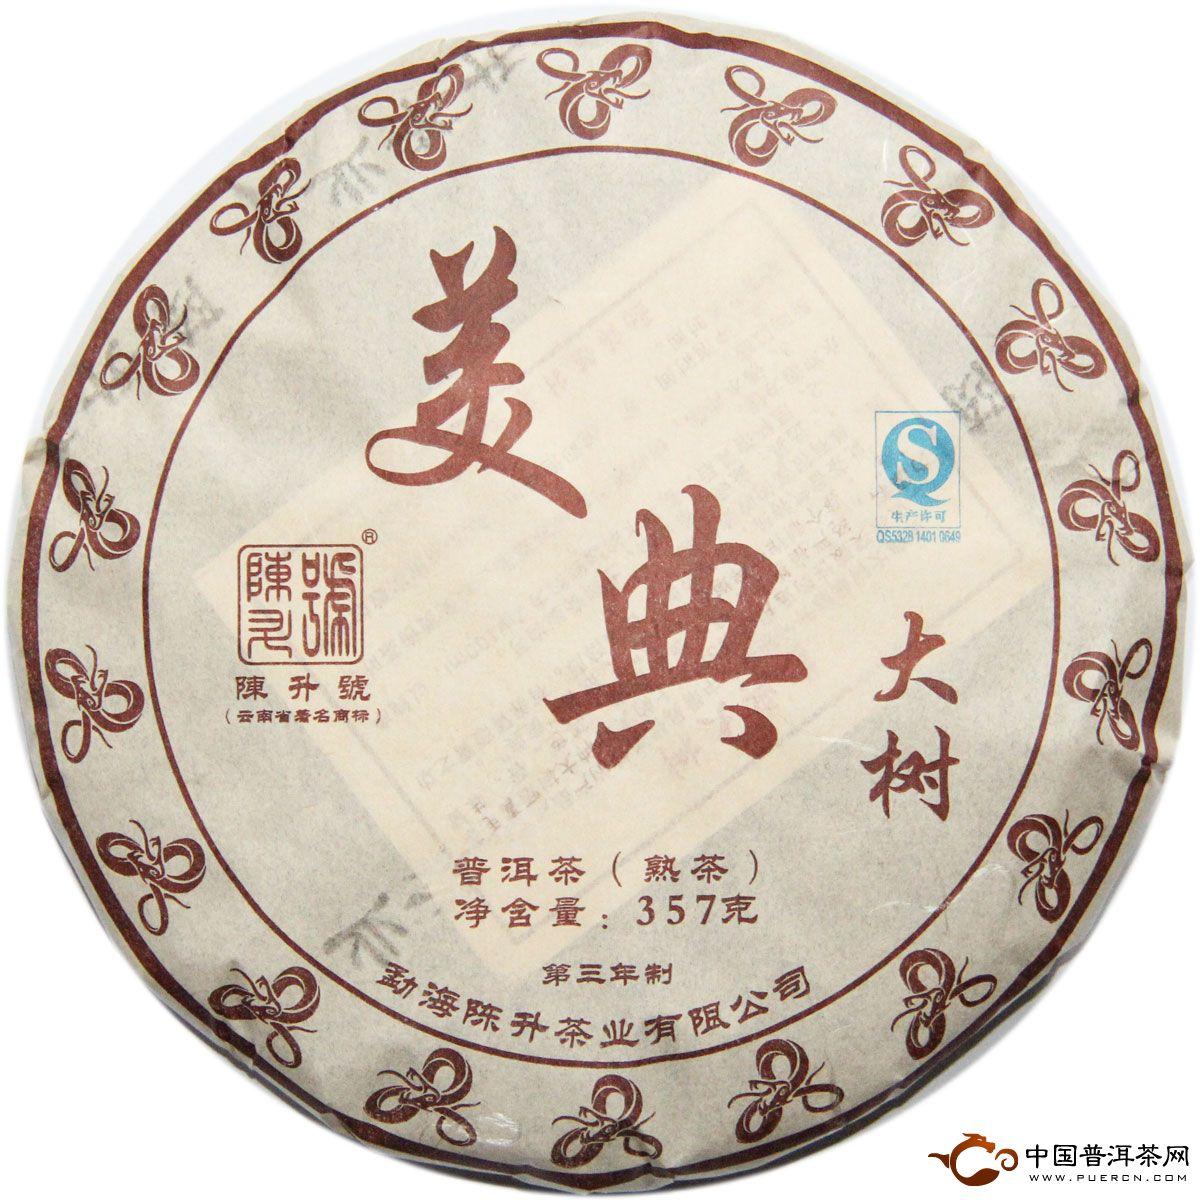 2013年陈升号(美典大树)熟茶/357g